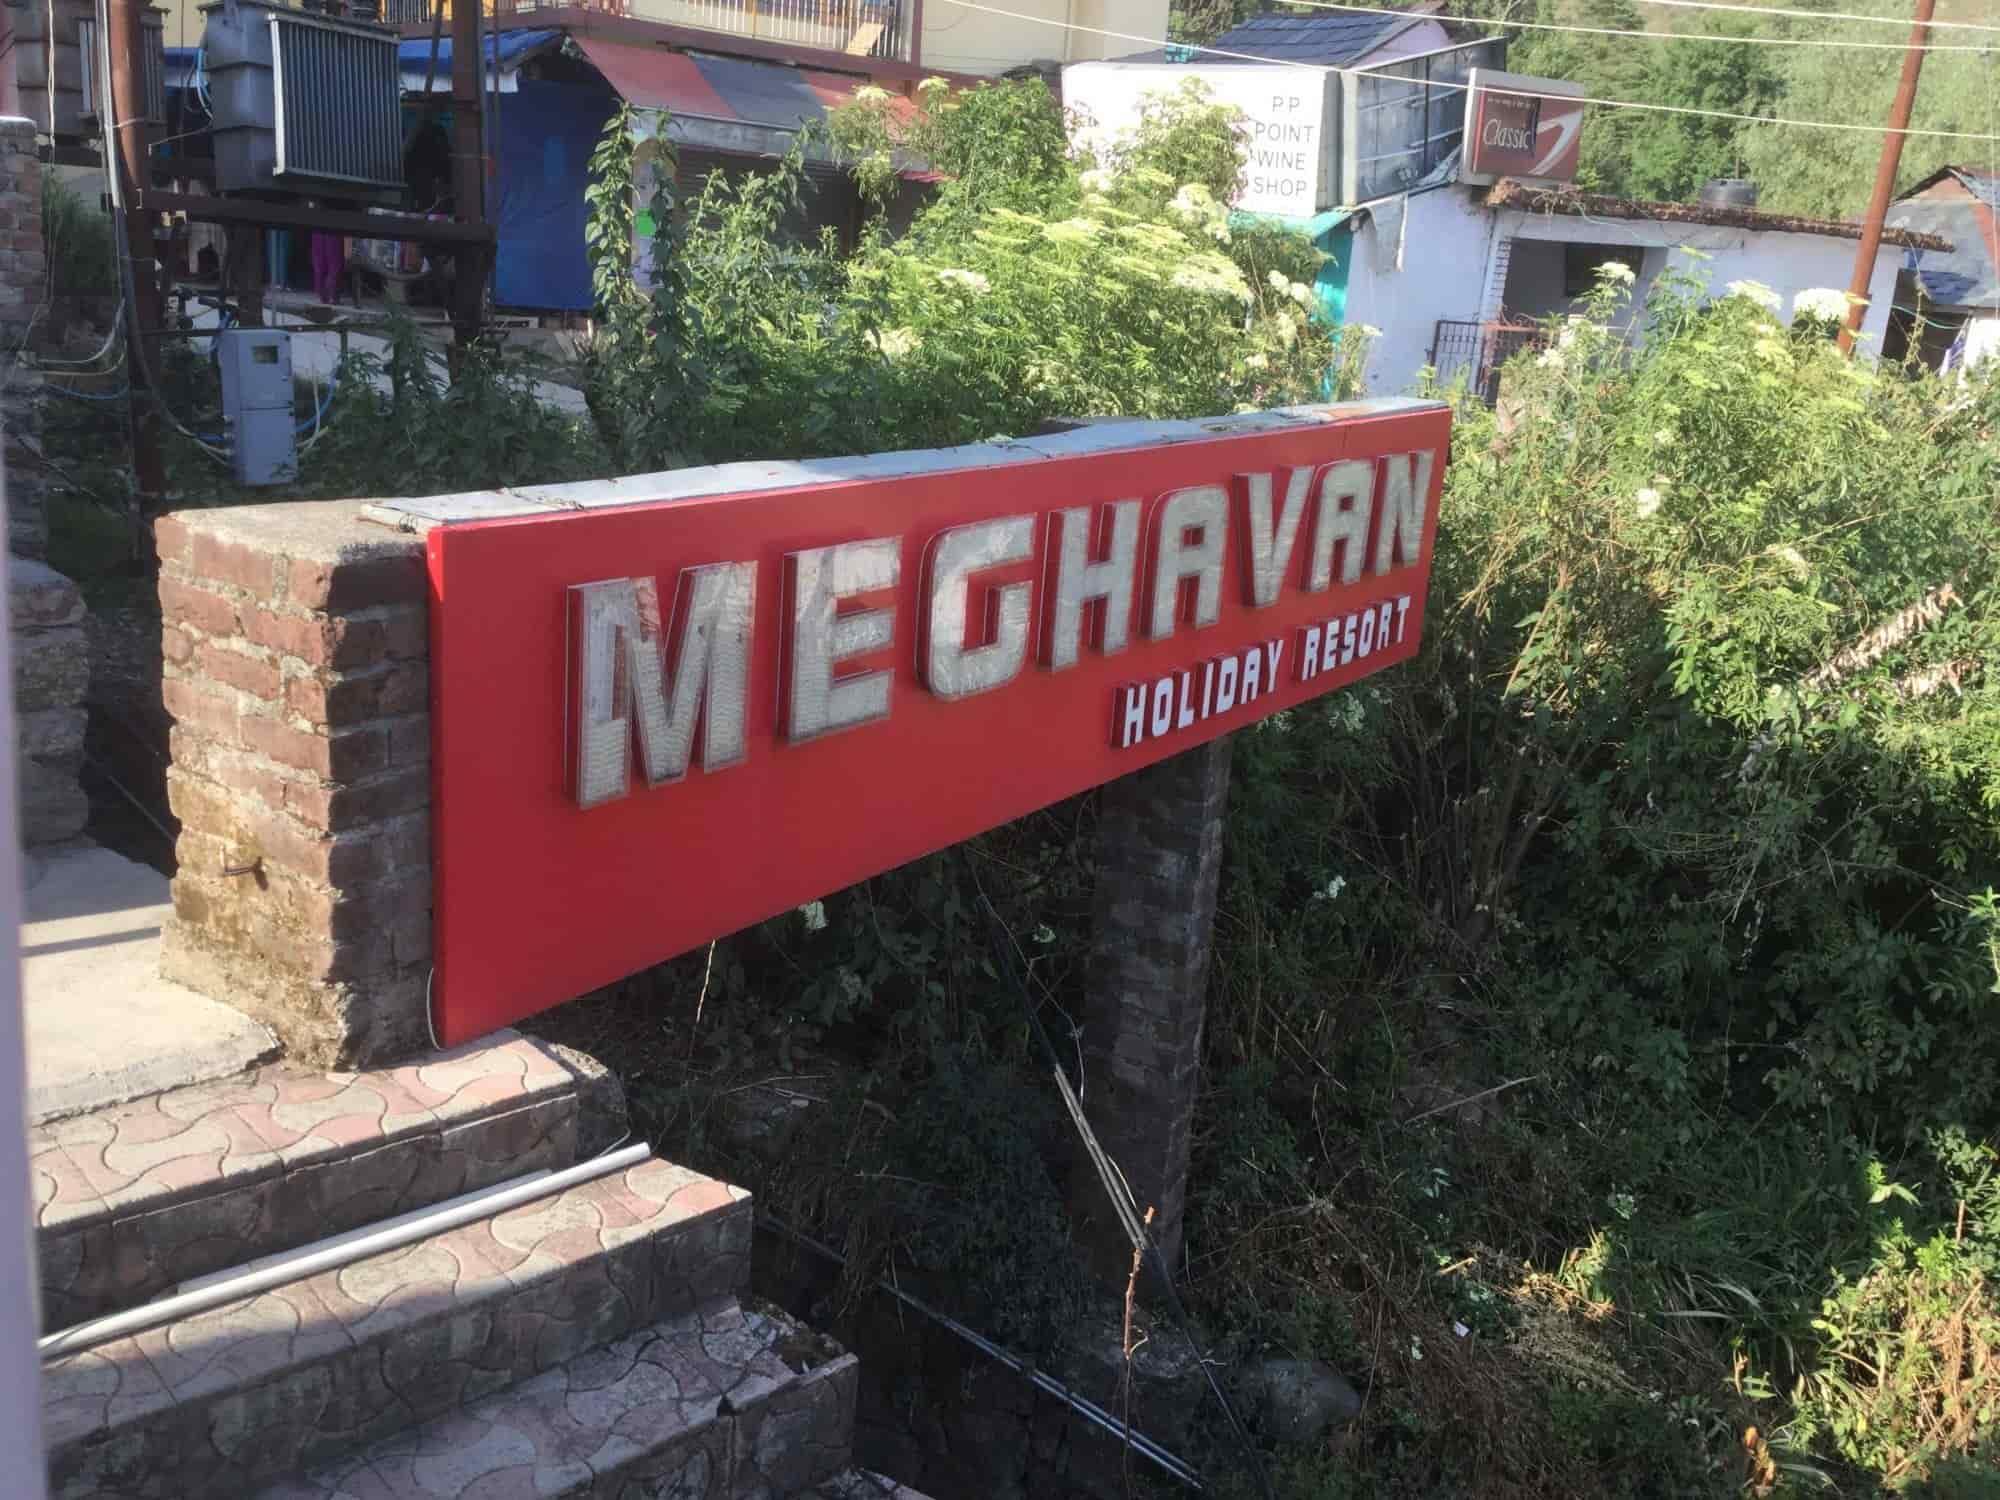 Meghavan holiday resort photos mcleod ganj dharamshala pictures sign board meghavan holiday resort photos mcleod ganj dharamshala hotels thecheapjerseys Gallery